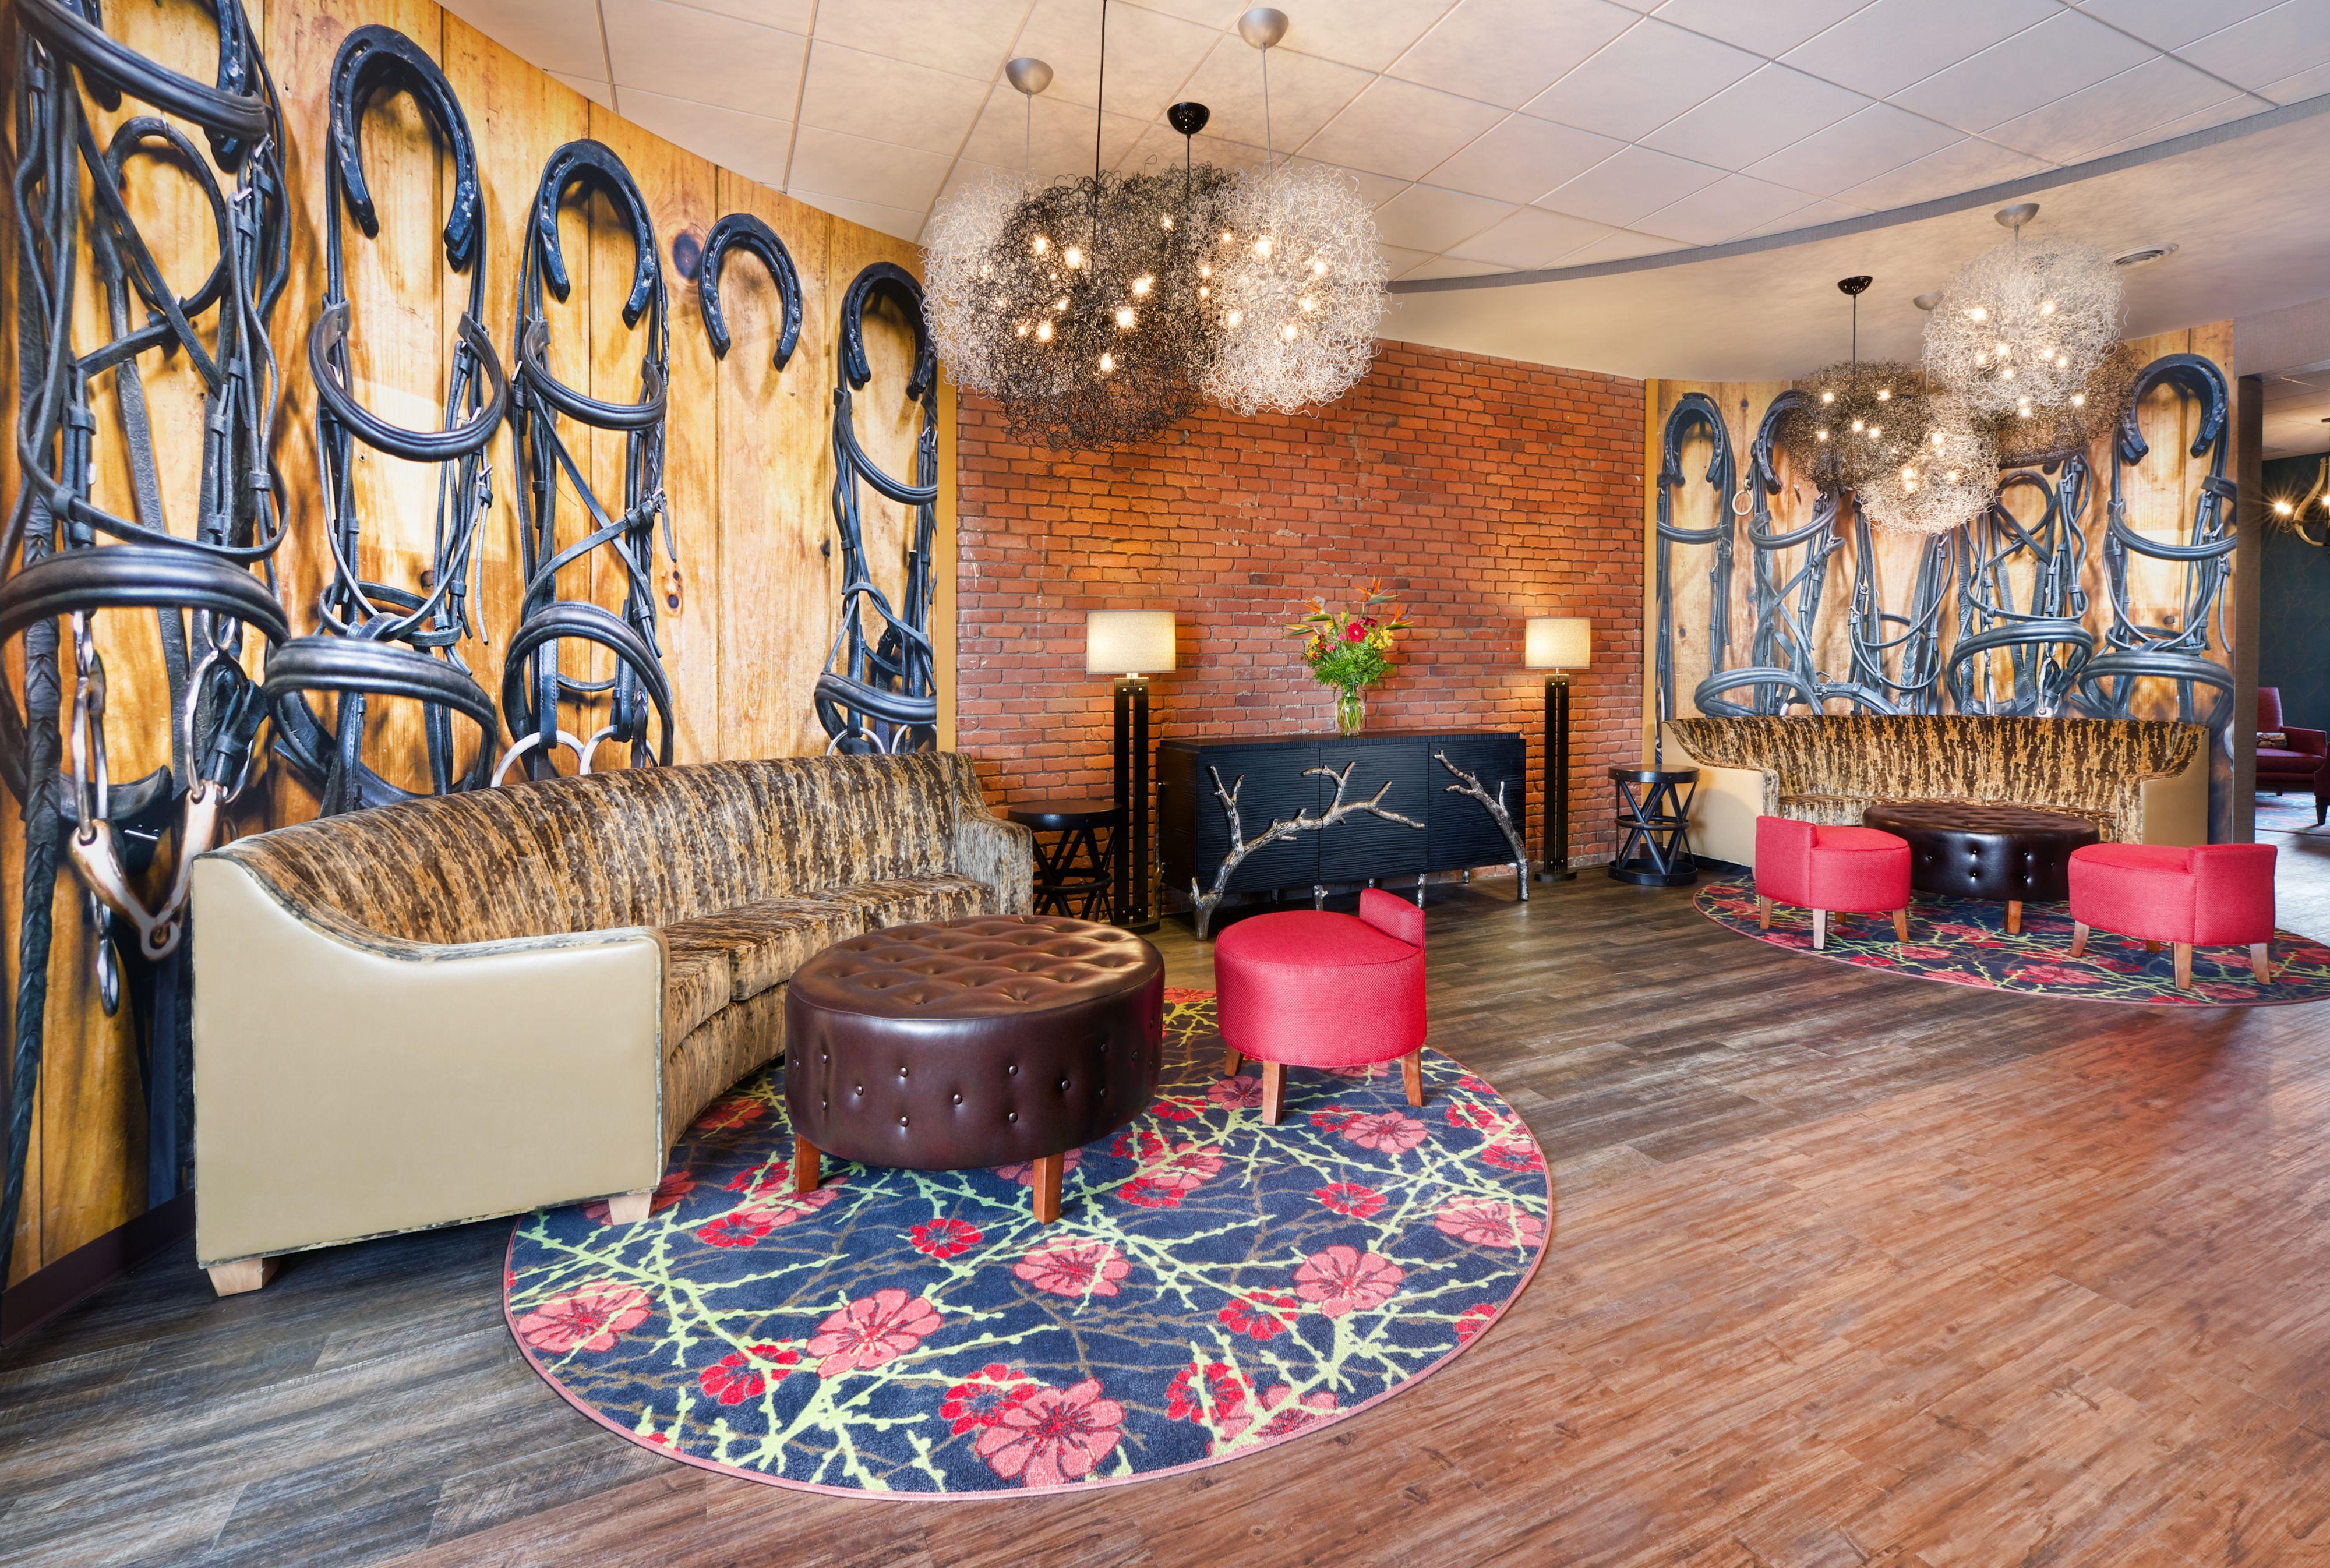 Hotel Indigo Cleveland-Beachwood image 1